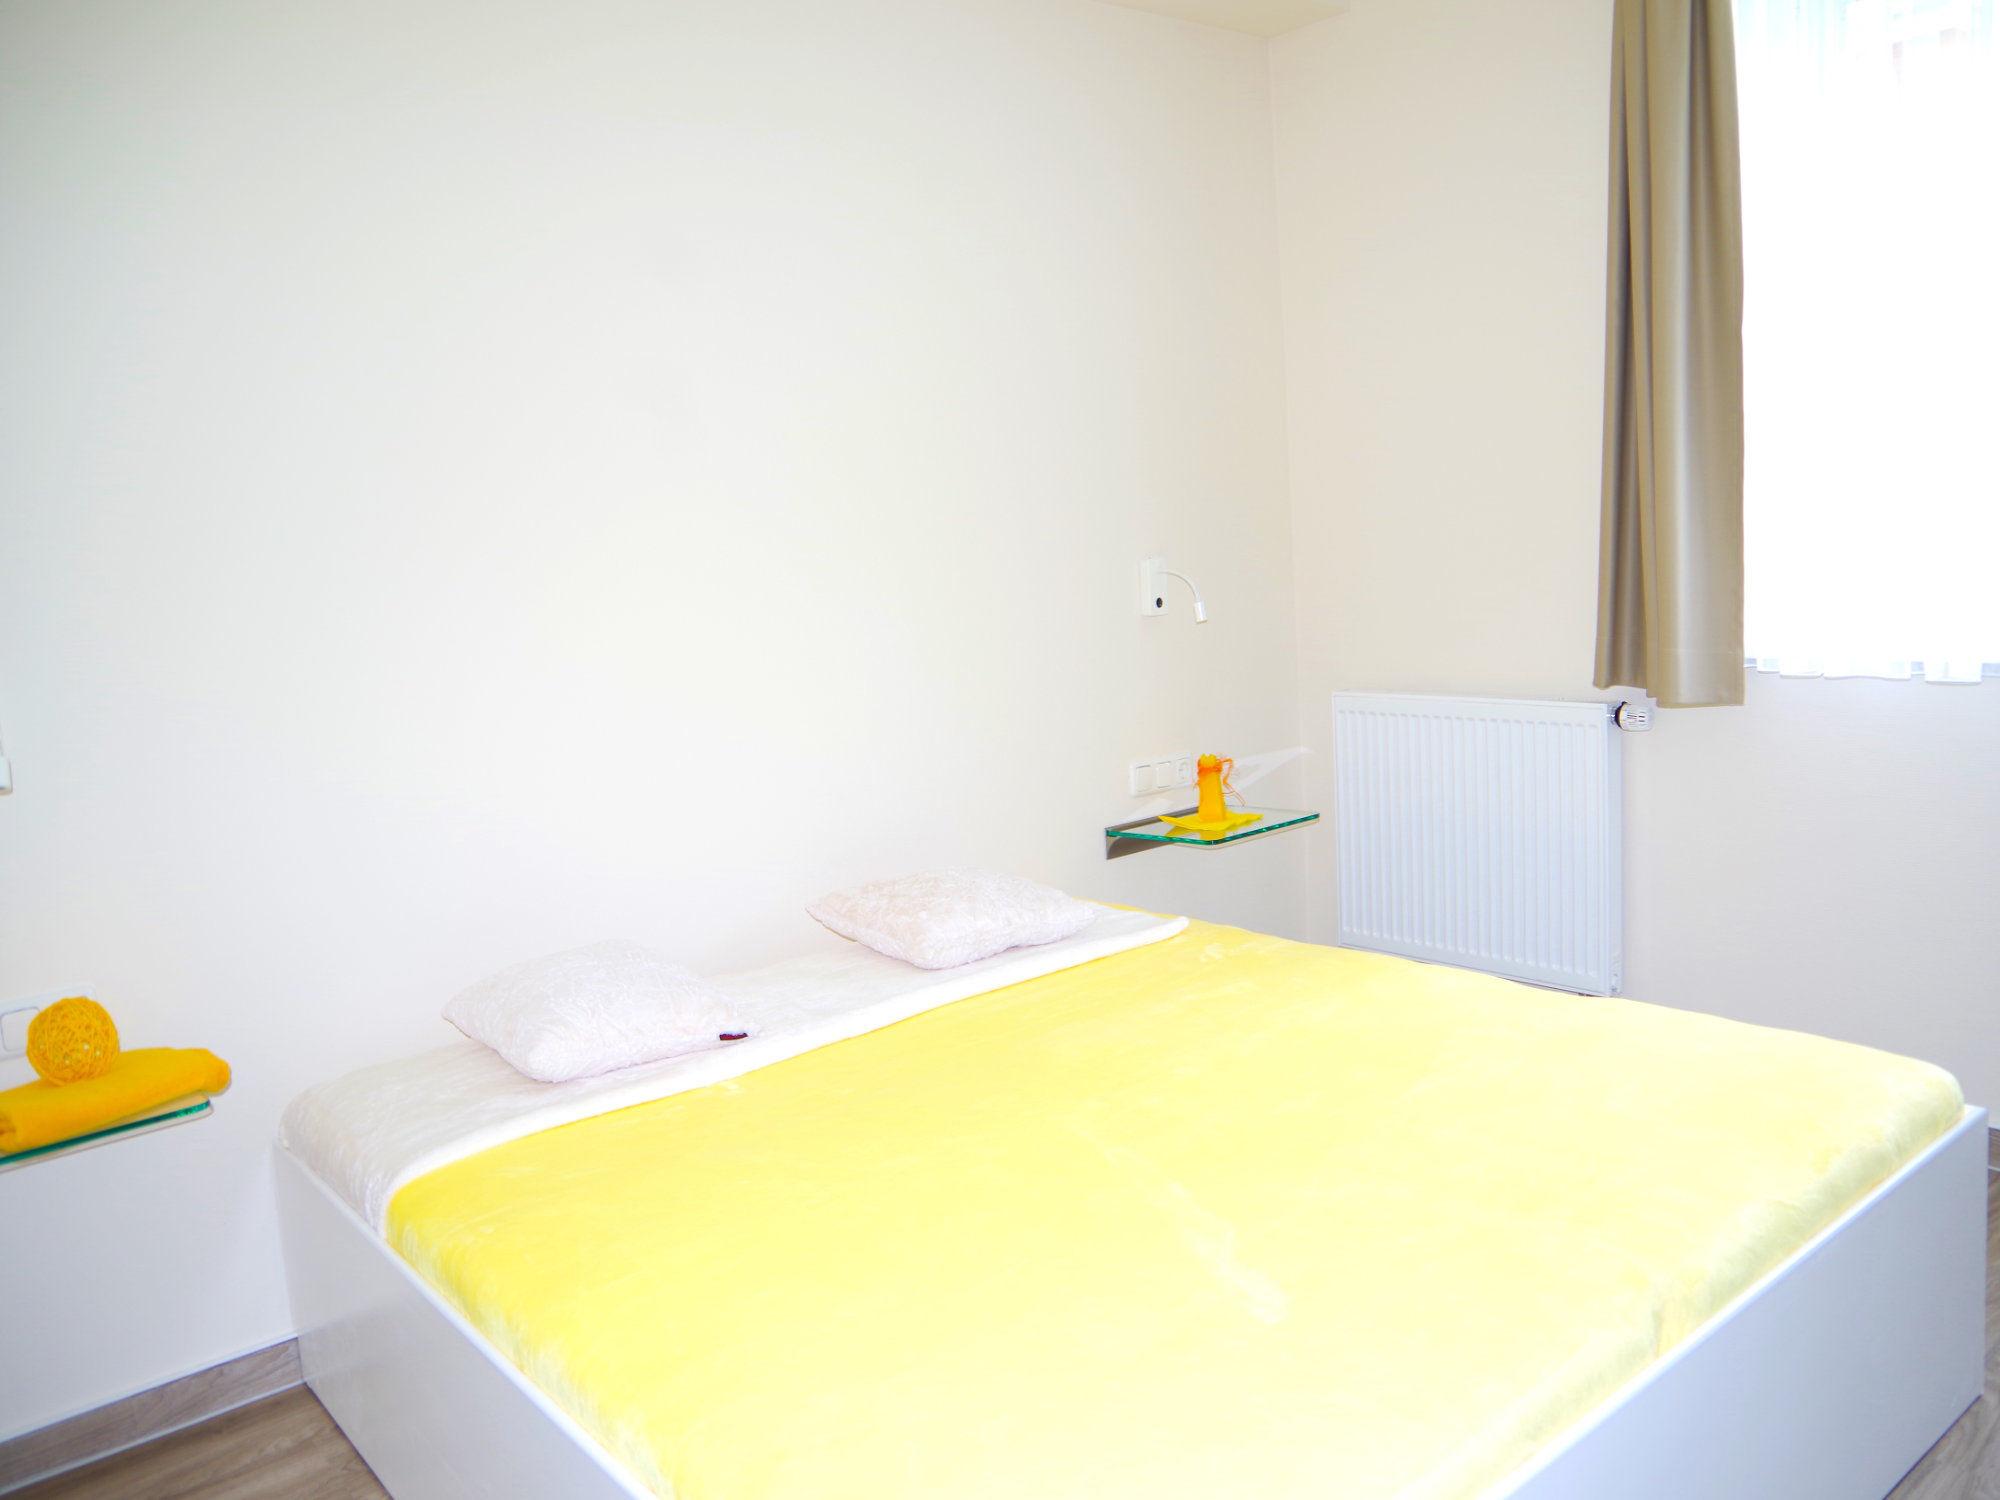 Schlafzimmer mit Doppelbett und Glaskonsolen, rechts ist ein großes Fenster